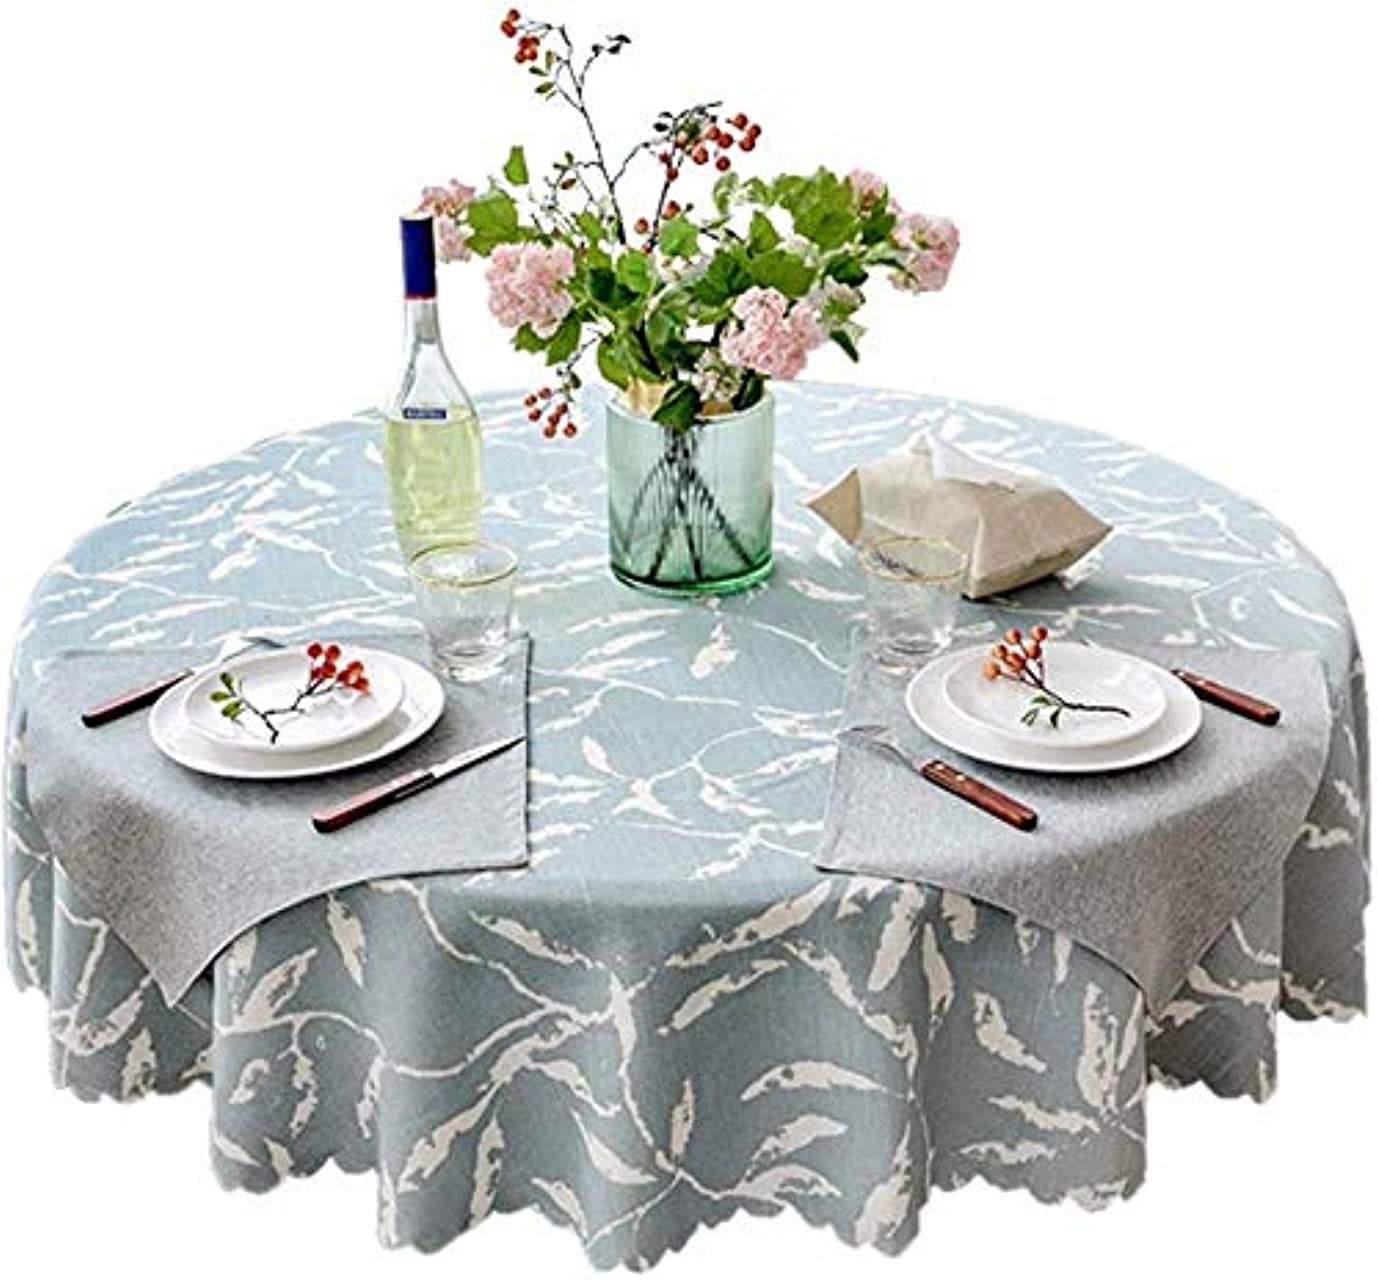 ラジカル割り当てる北東宴会/レストラン用に掃除しやすい丸いテーブルクロス-コットン生地のテーブルクロス(色:青、サイズ:200cm)